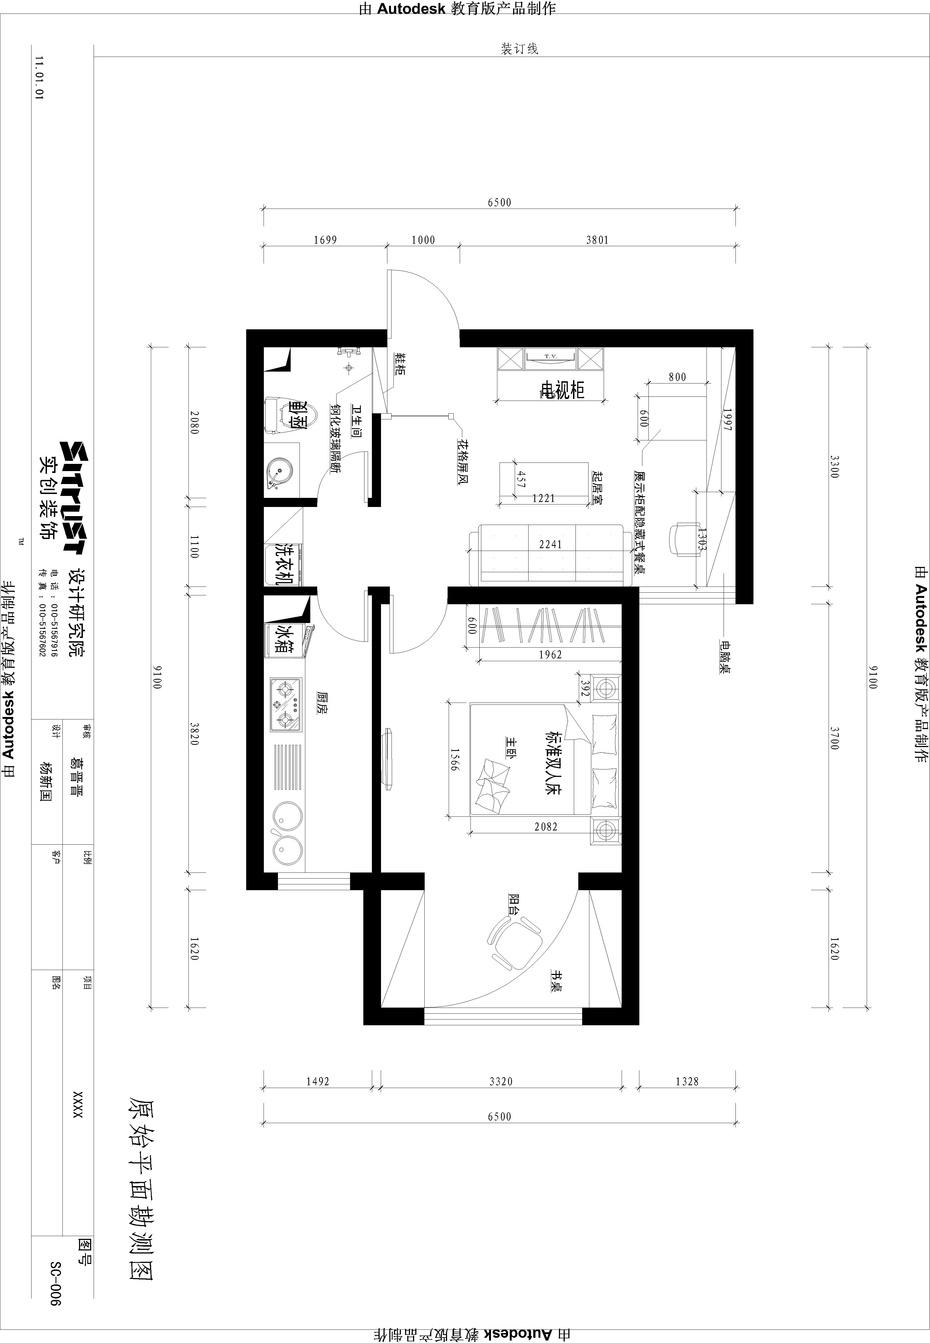 20 30平米小户型设计图,装修效果图,3D效果图,CAD平面布置图